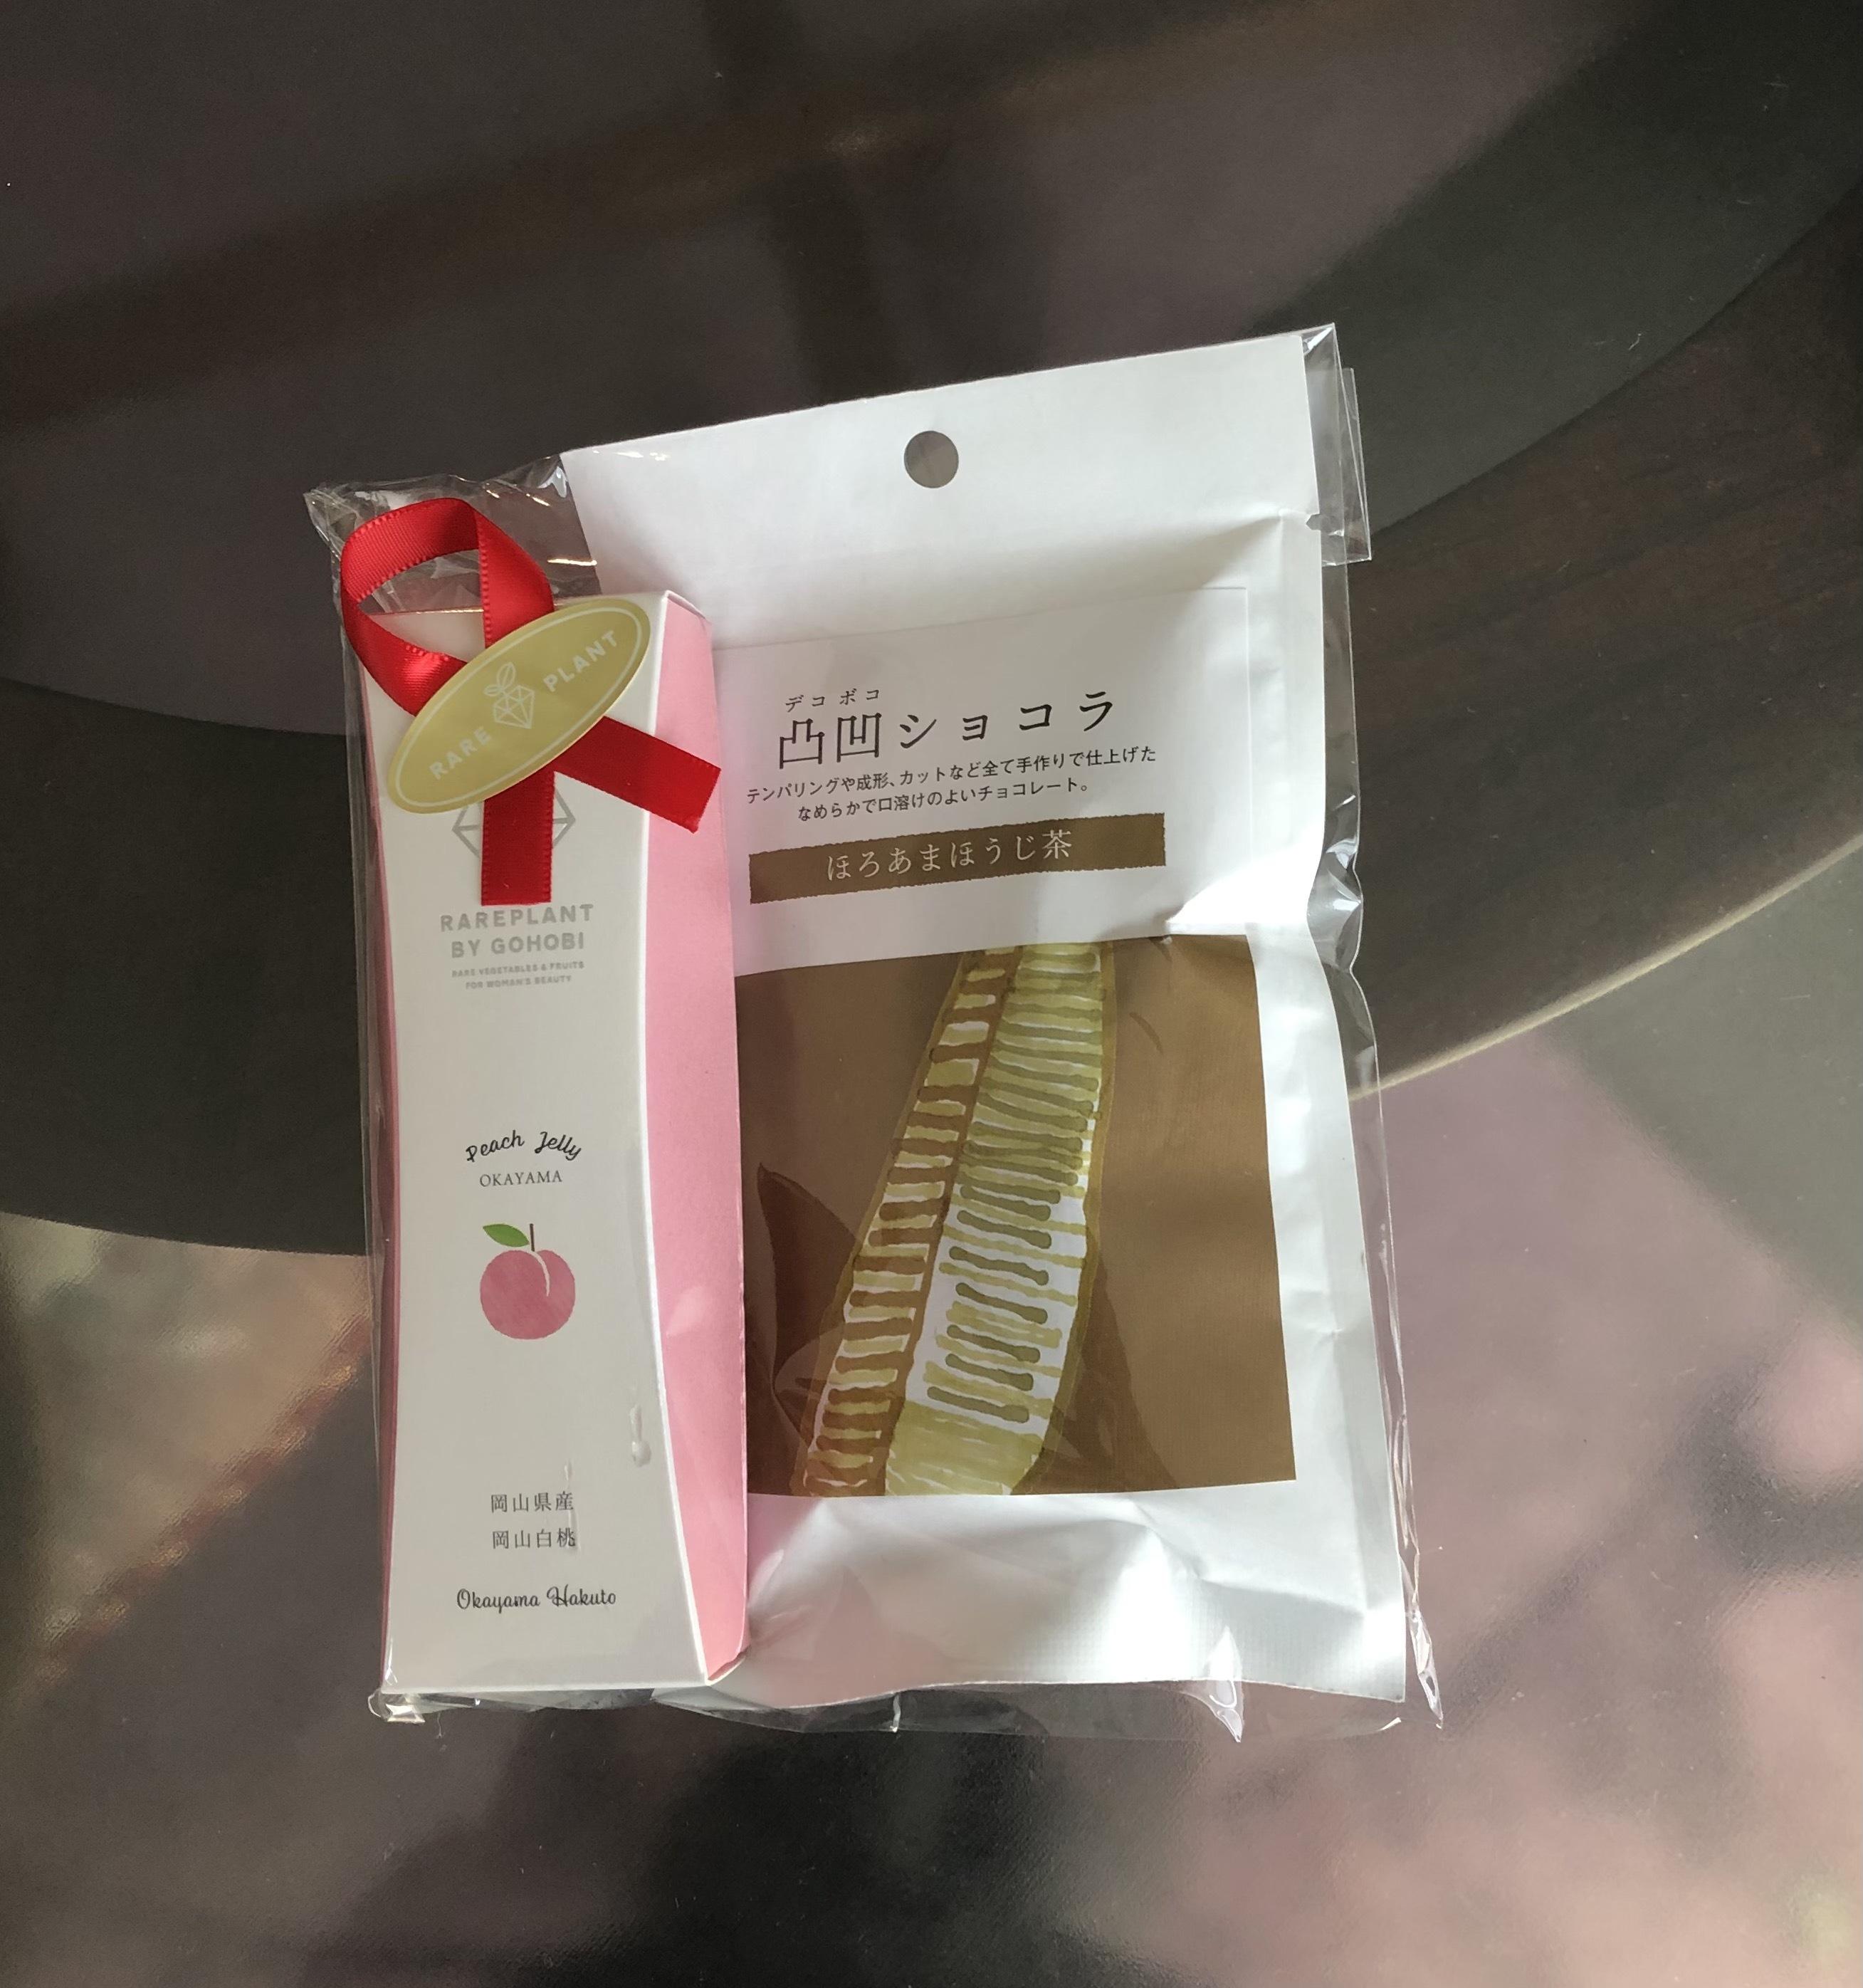 岡山土産 おかやま白桃 フルーツコラーゲンゼリー 凸凹ショコラとほろあまほうじ茶 詰め合わせ